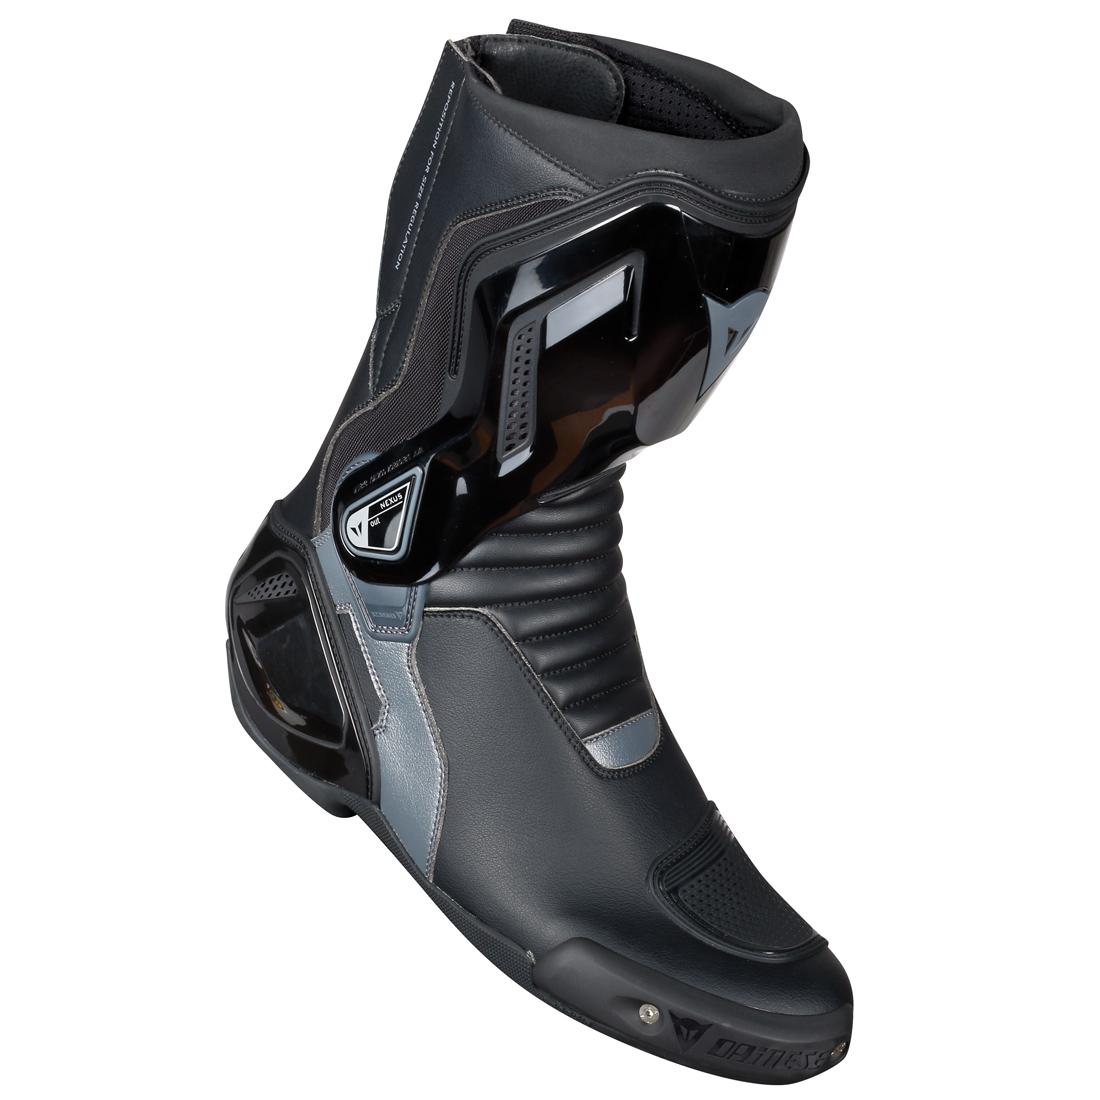 【DAINESE】NEXUS 女用皮革車靴 - 「Webike-摩托百貨」